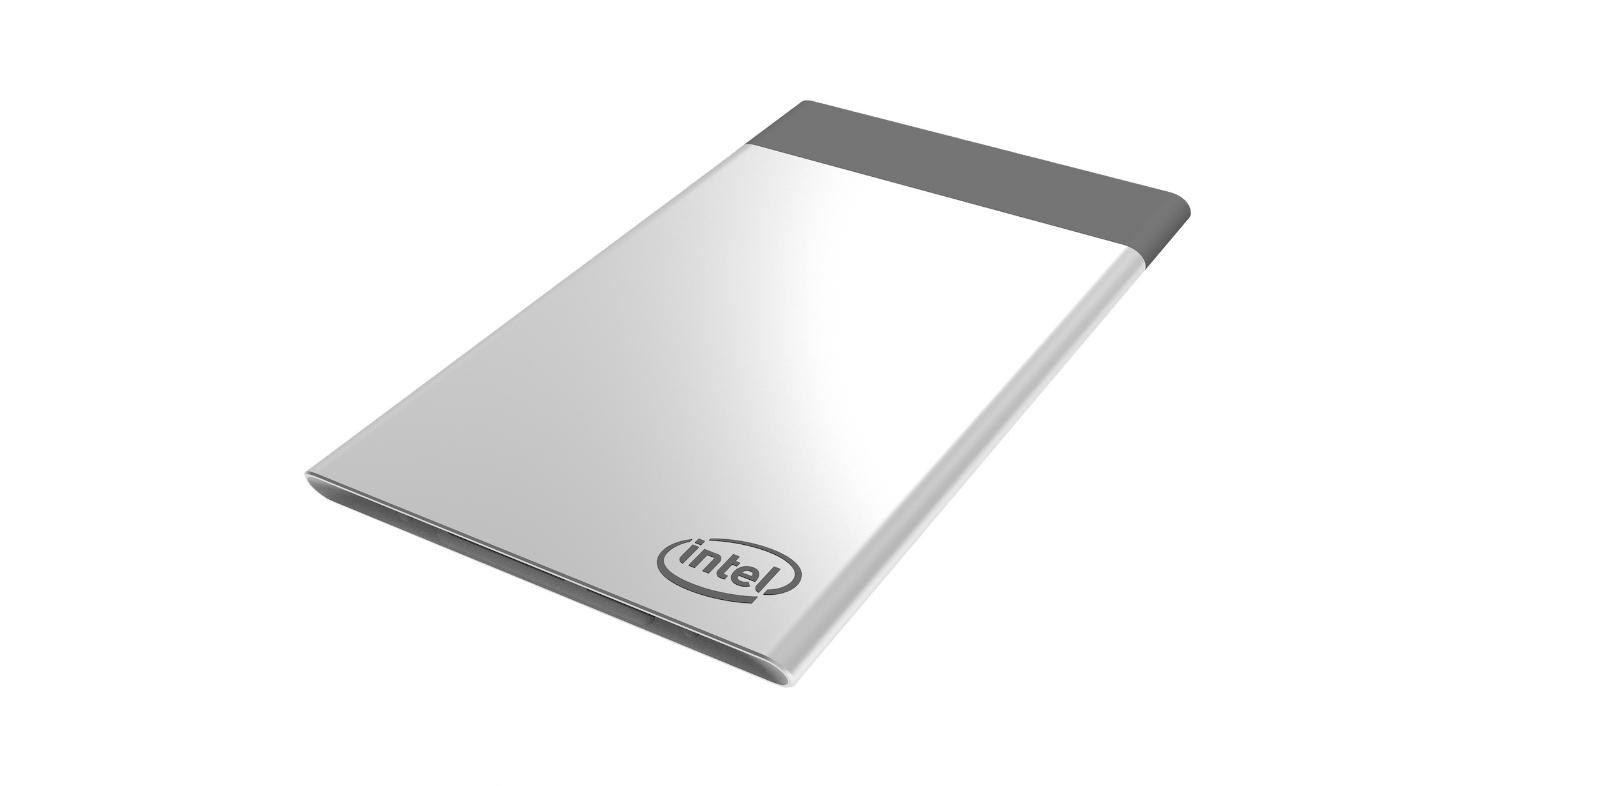 Intel Compute Card Release Date